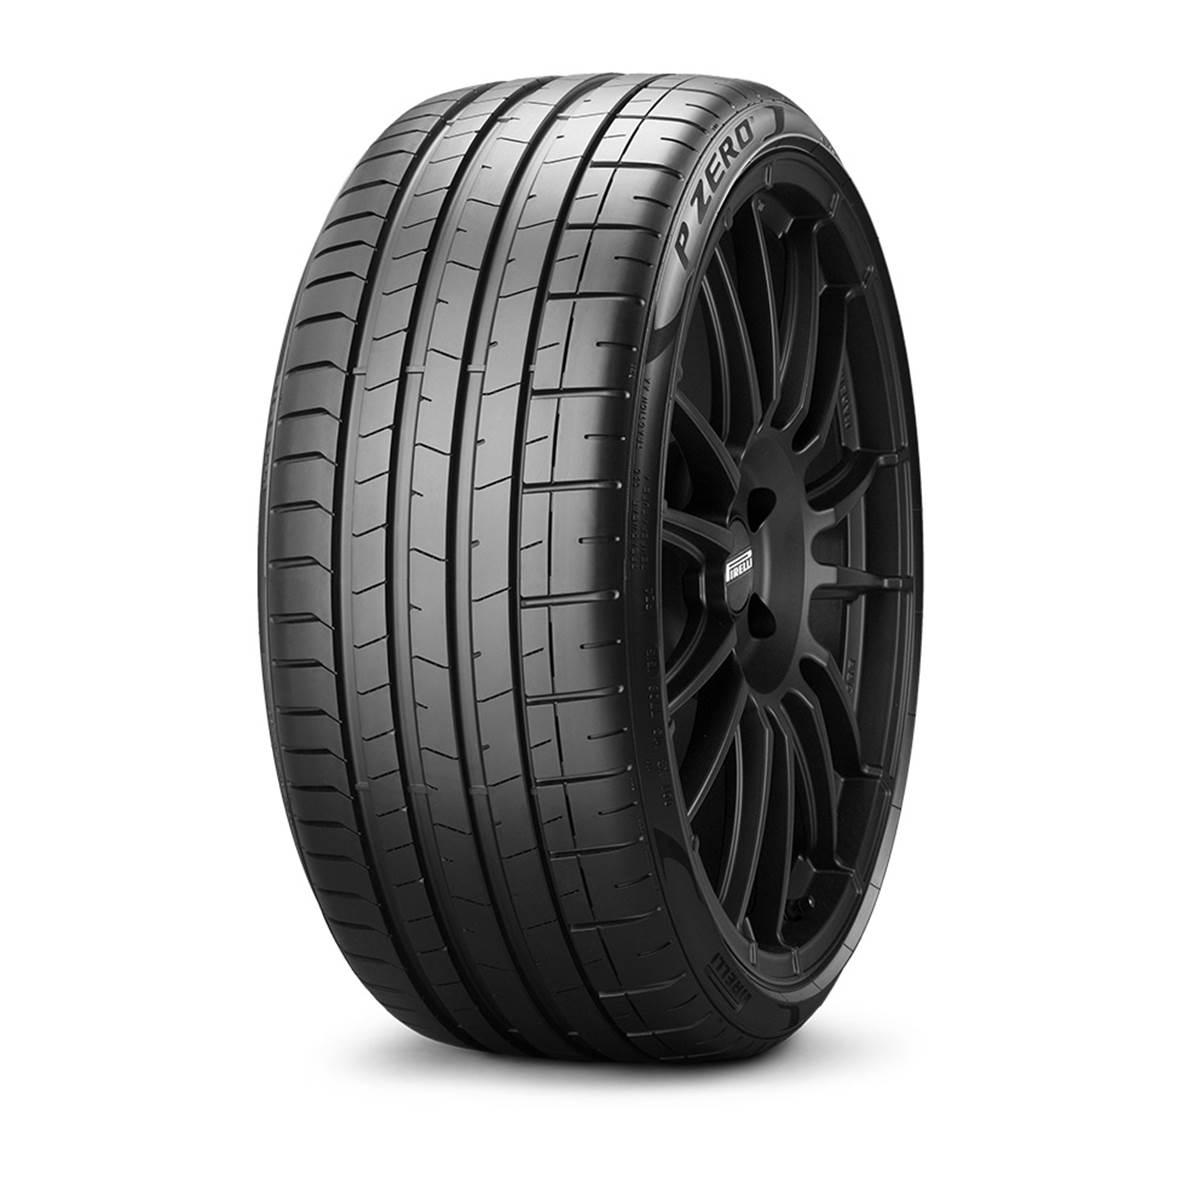 Pneu Pirelli 345/25R20 100Y Pzero